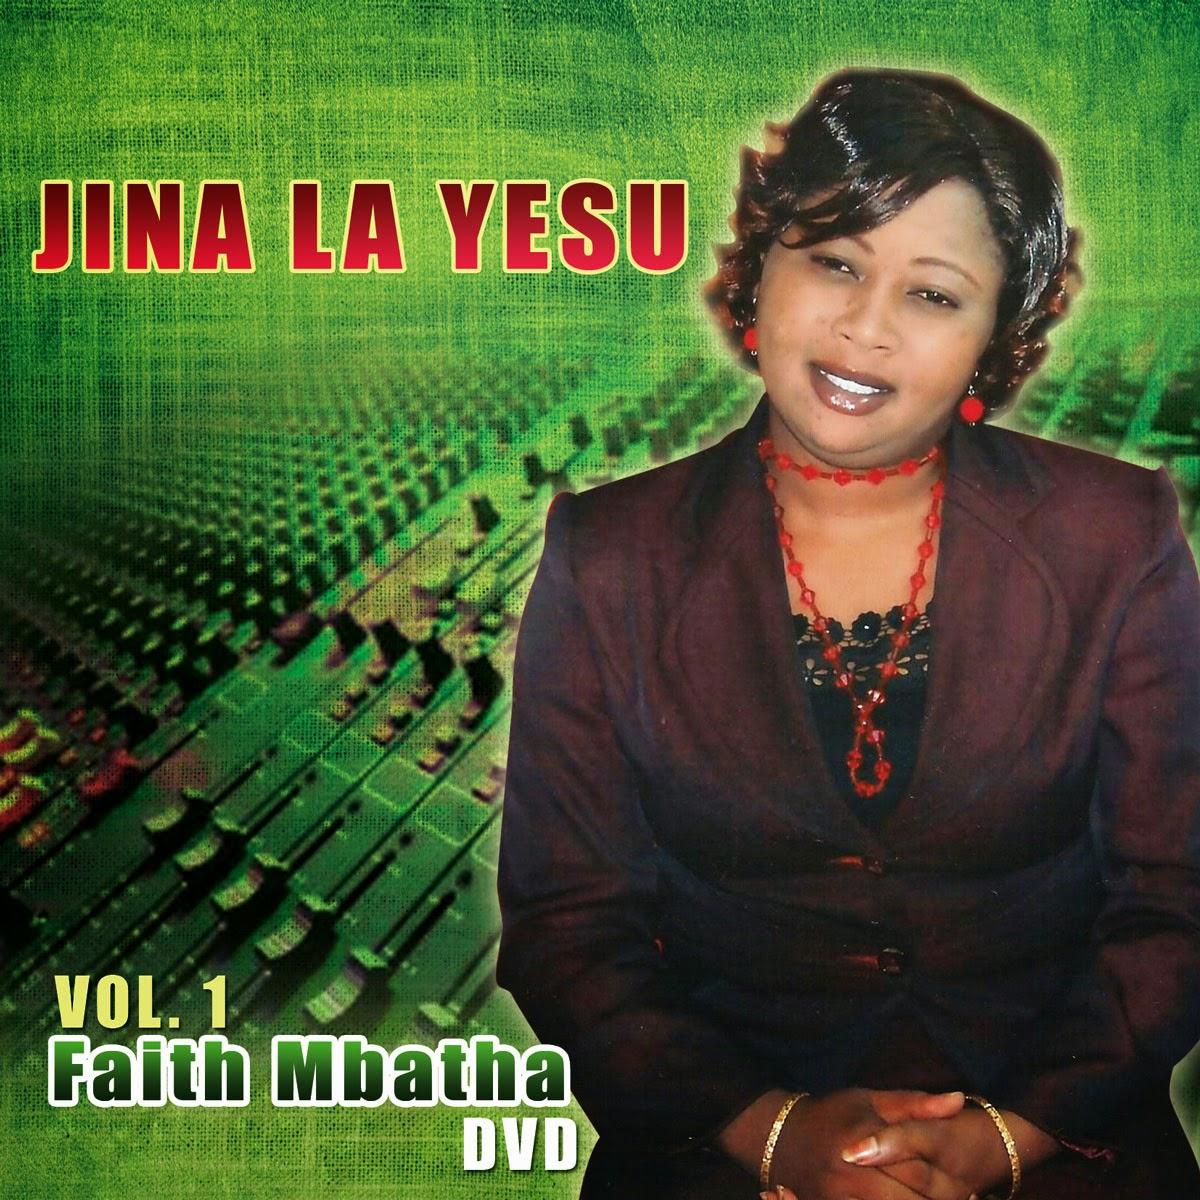 FAITH MBATHA KWA NEEMA YA MUNGU AMEWEKA NYIMBO ZAKE ZA VOL.1 KTK YOUTUBE